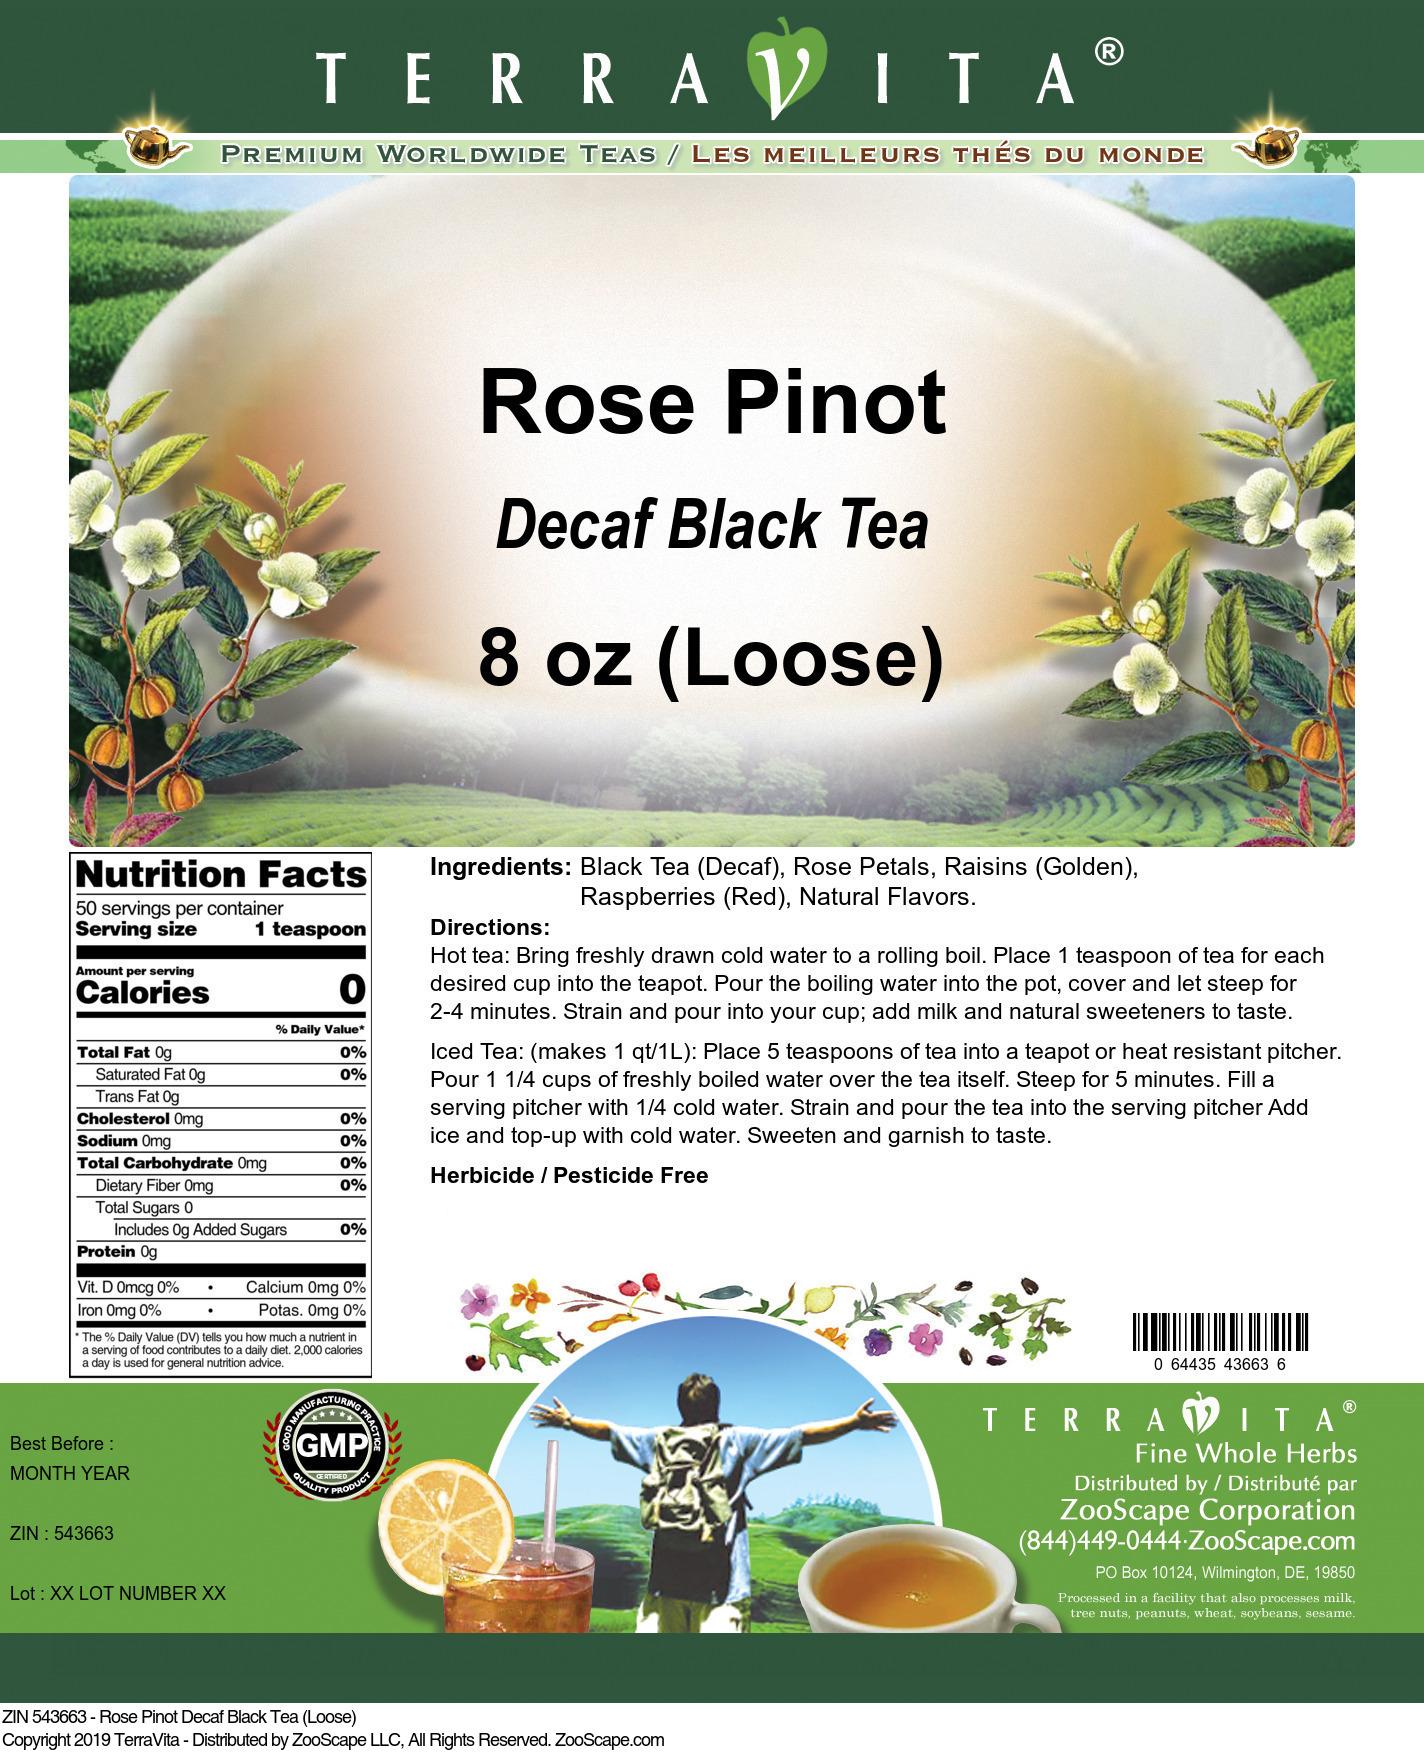 Rose Pinot Decaf Black Tea